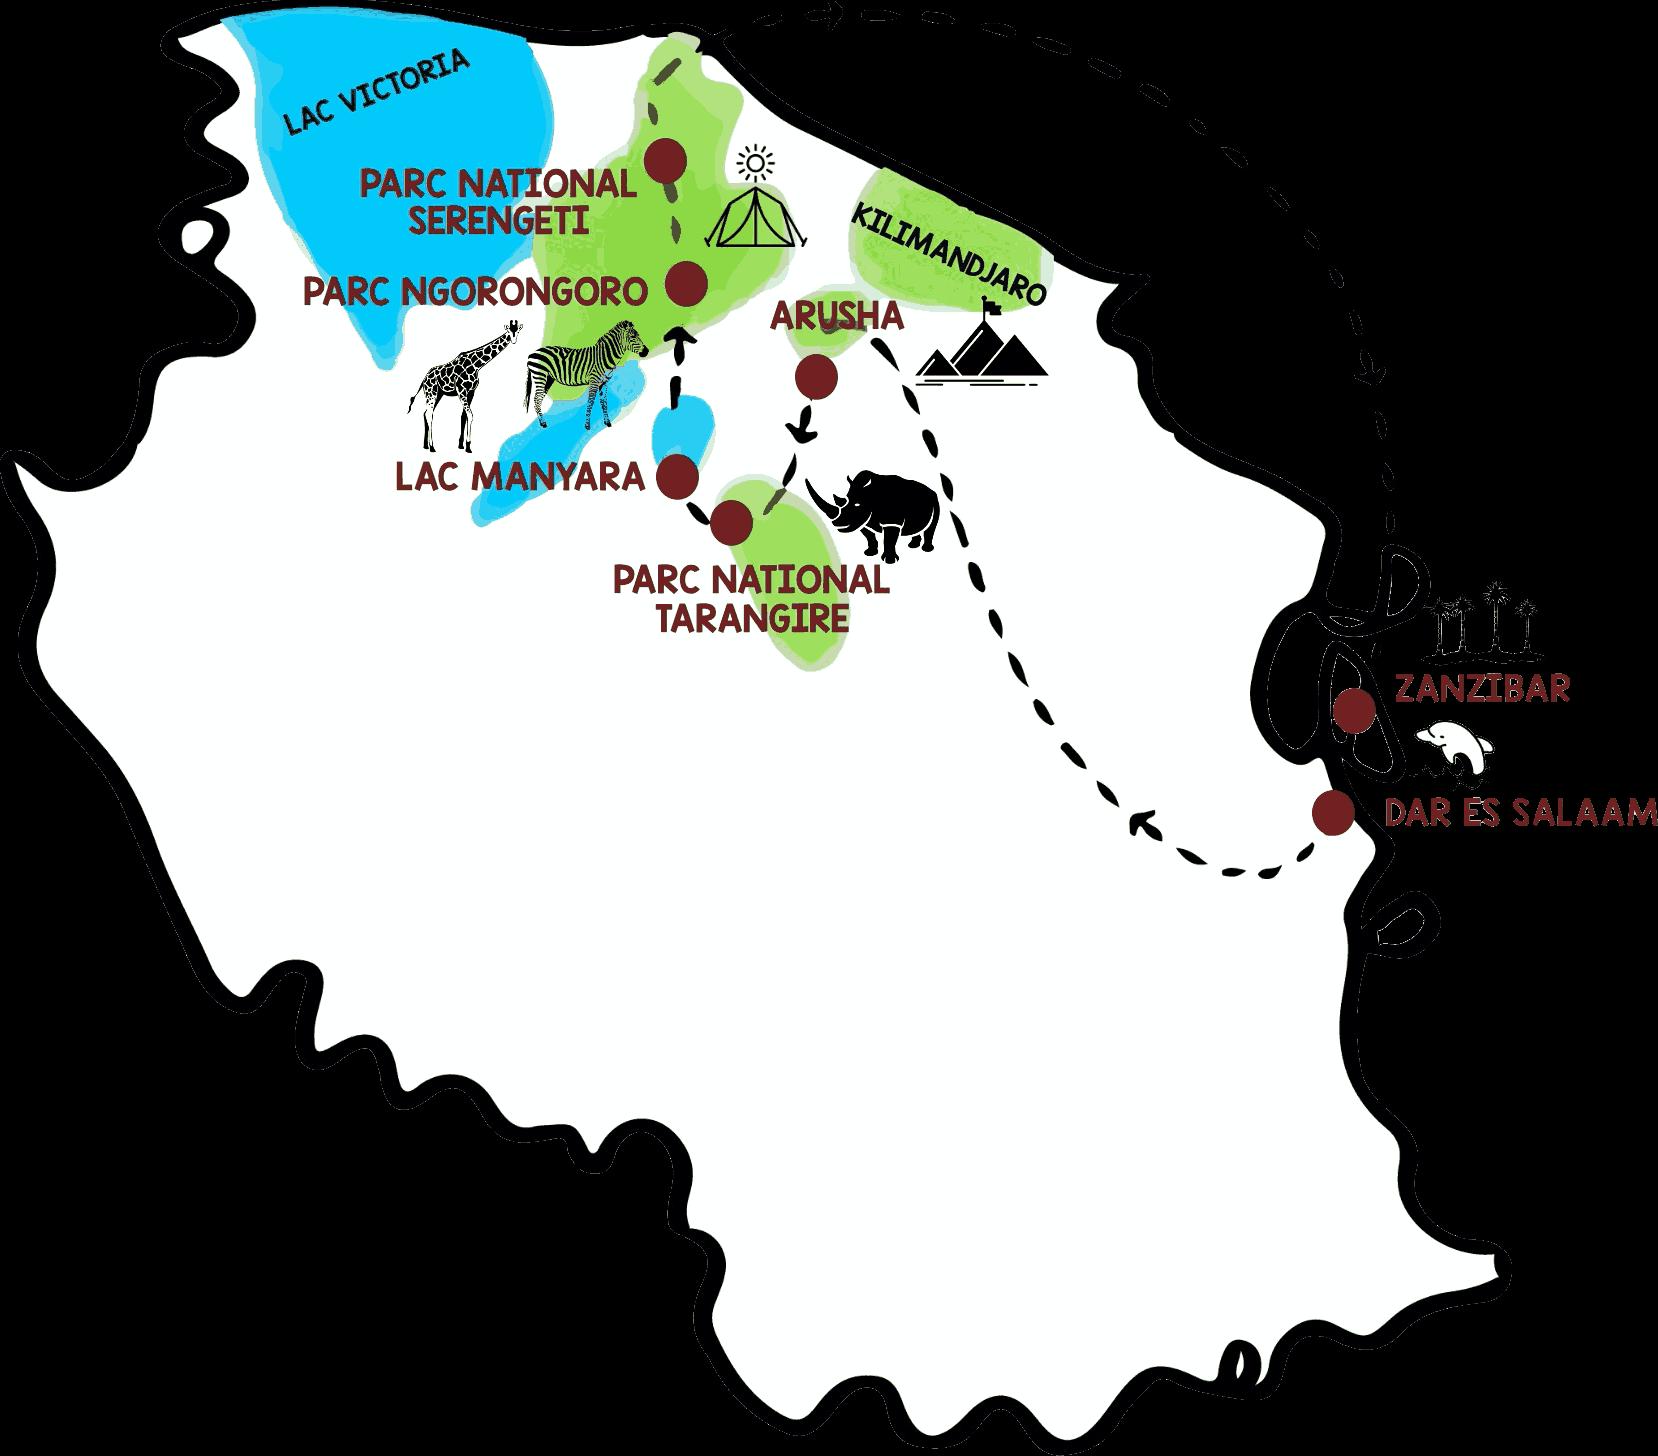 voyage Tanzanie et zanzibar itinéraires